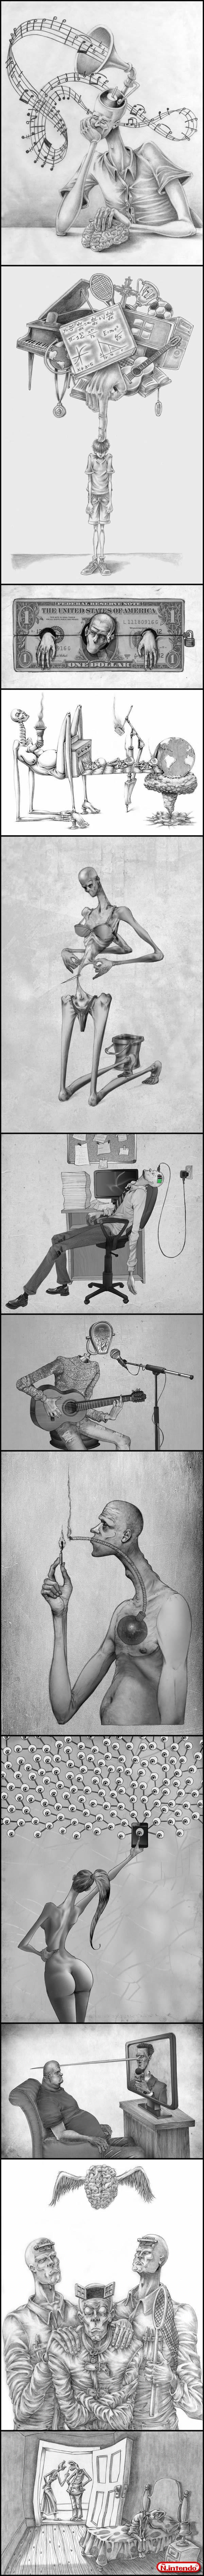 Verdades Sobre a Sociedade Ilustrada Em Desenhos